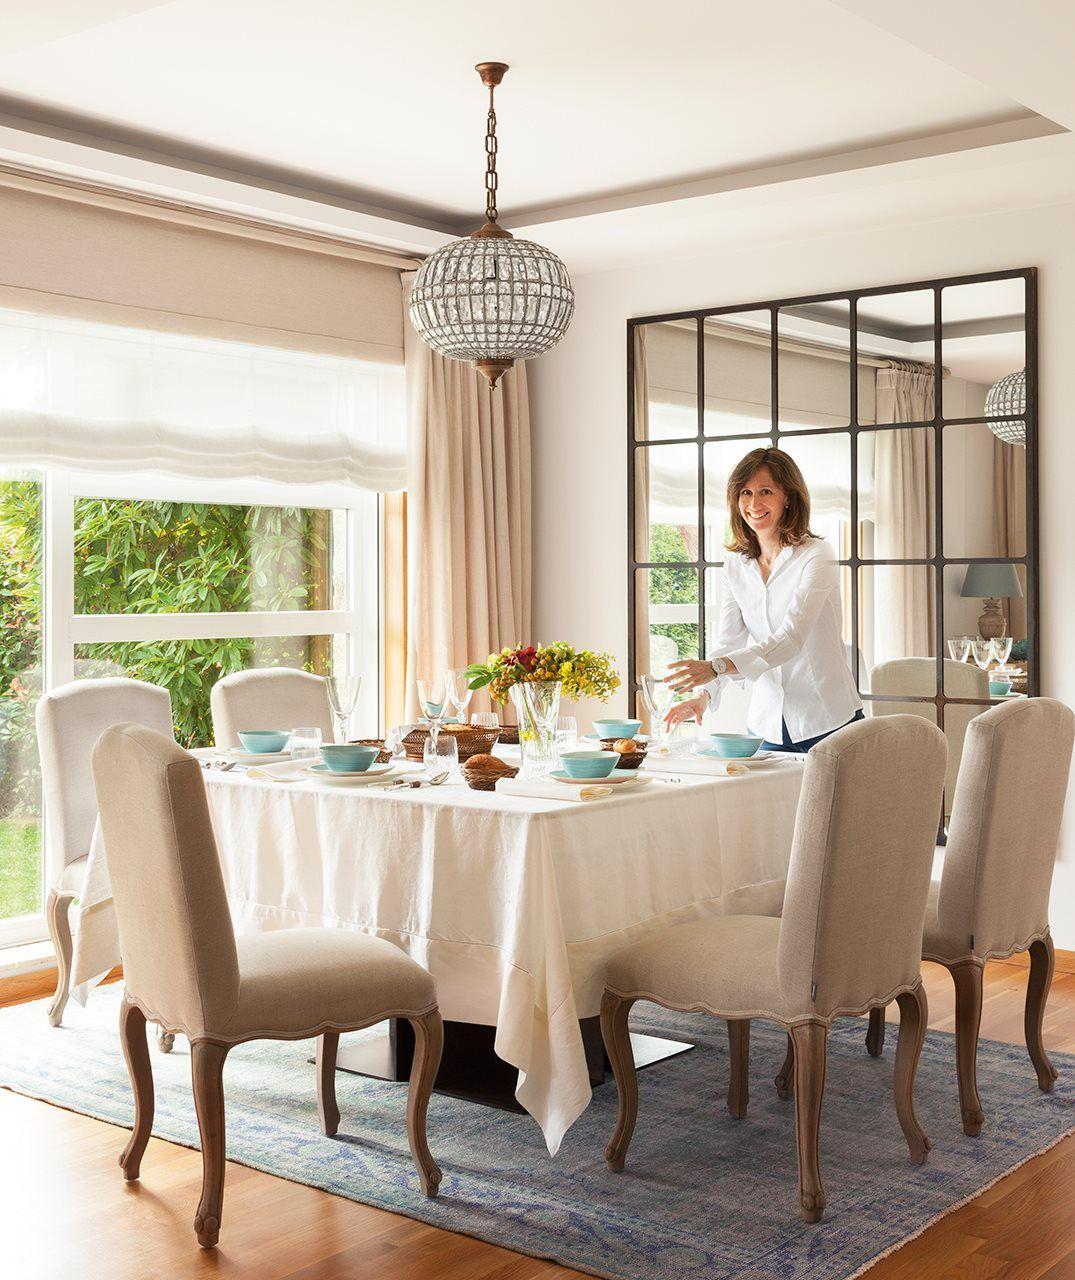 La casa ha crecido con nosotros comedores decoraci n for Muebles de comedor elegantes